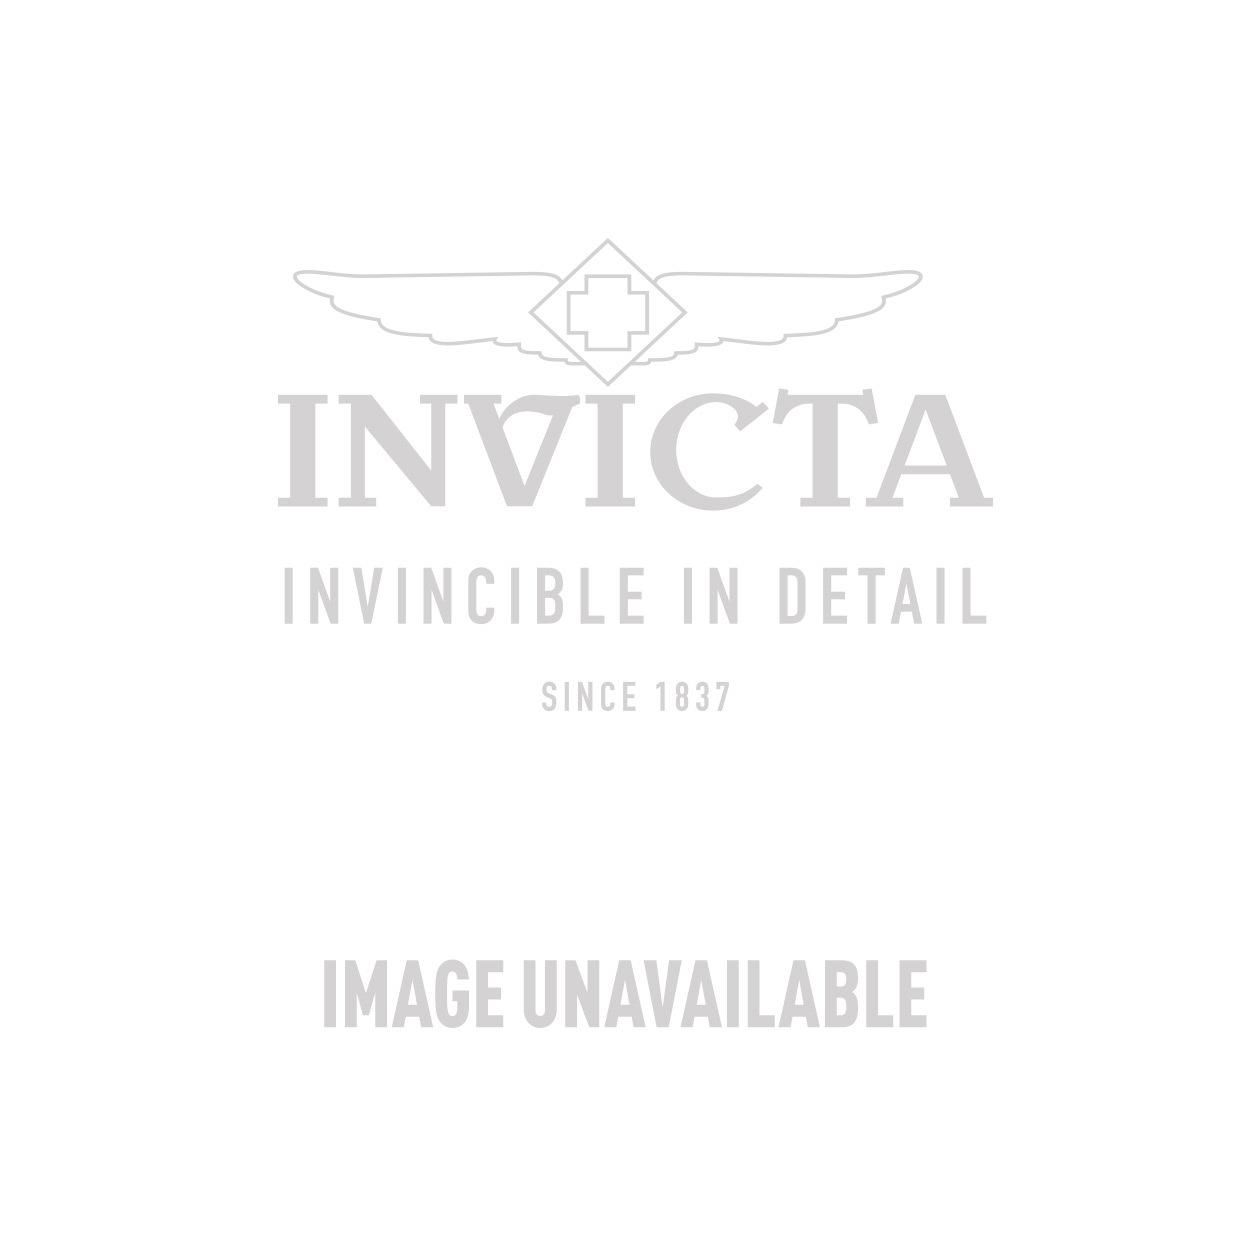 Invicta Model 22342